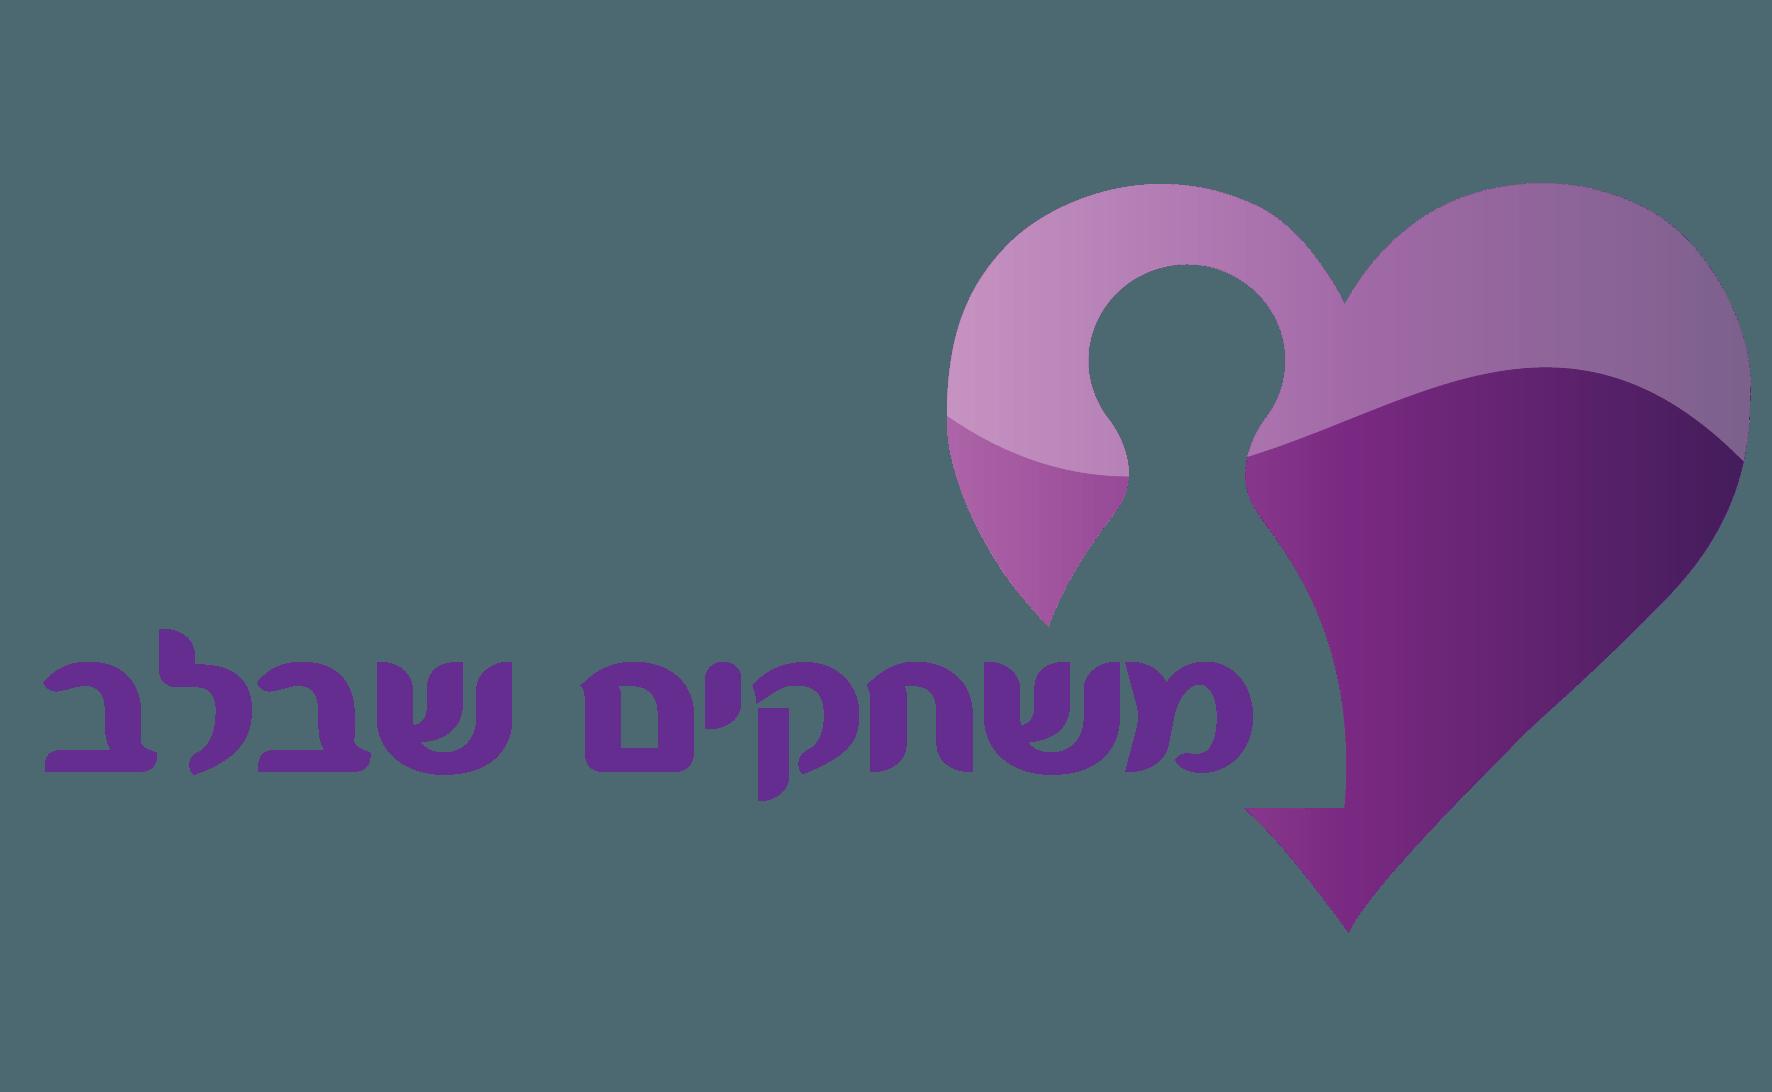 משחקים שבלב - חנויות באזור ירושלים